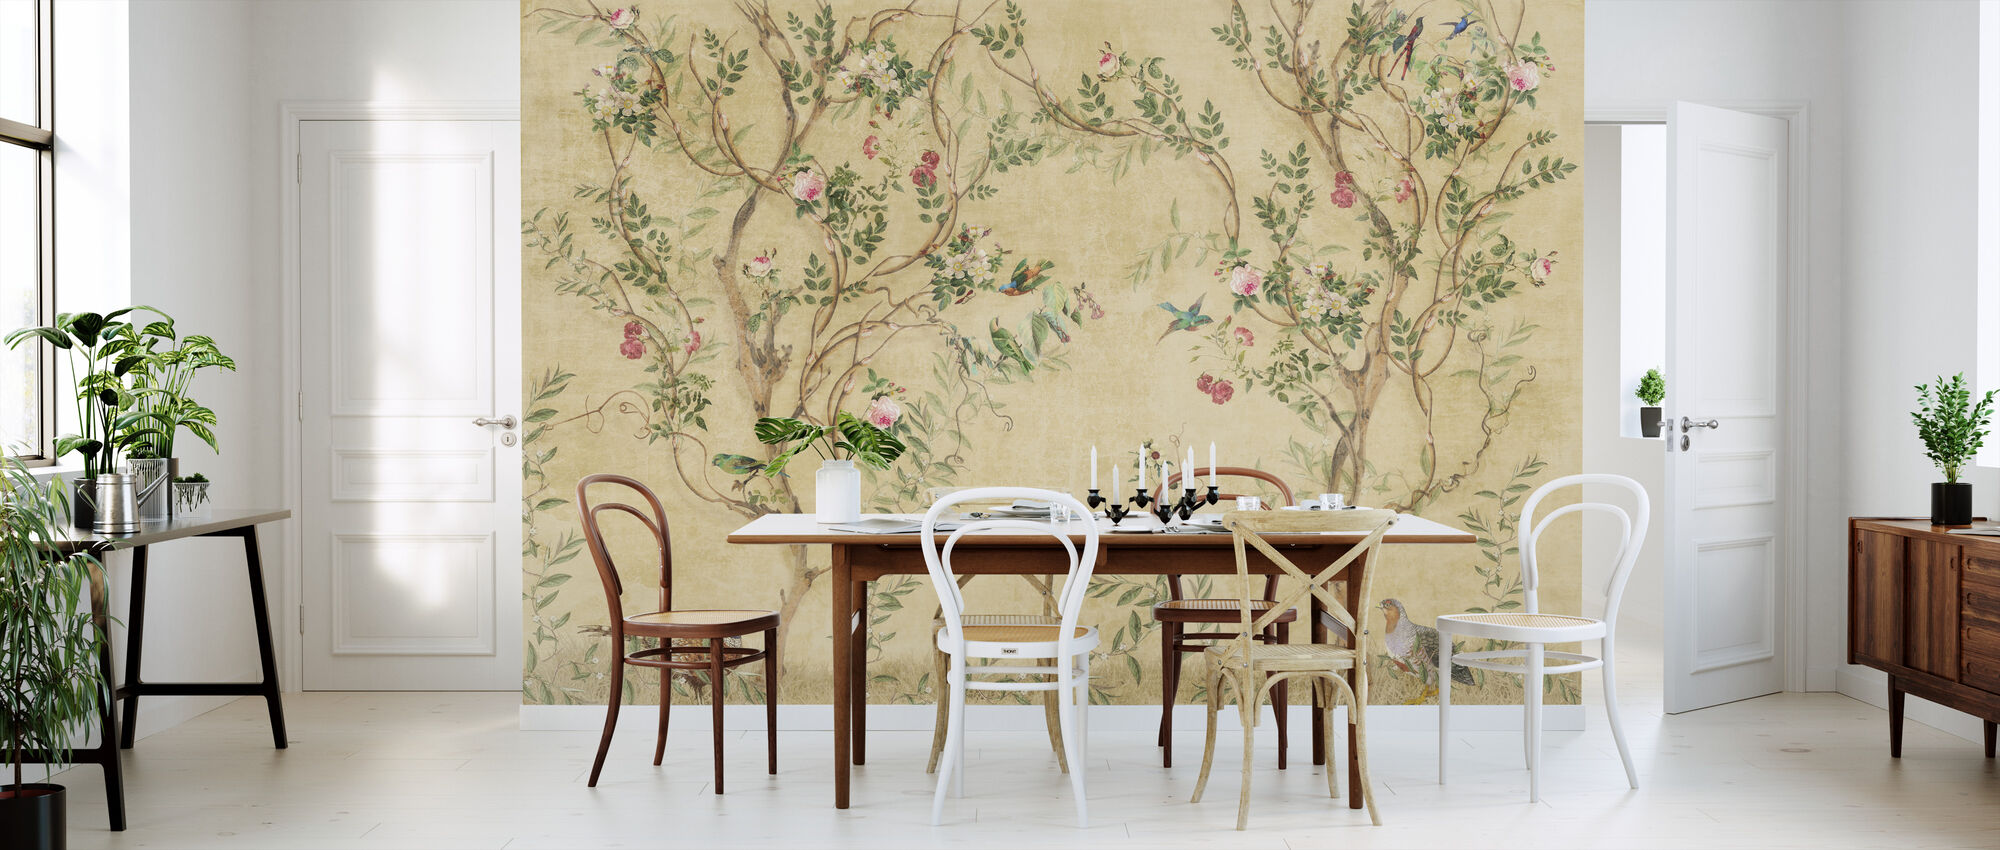 Pretty Birds in Branches - Wallpaper - Kitchen